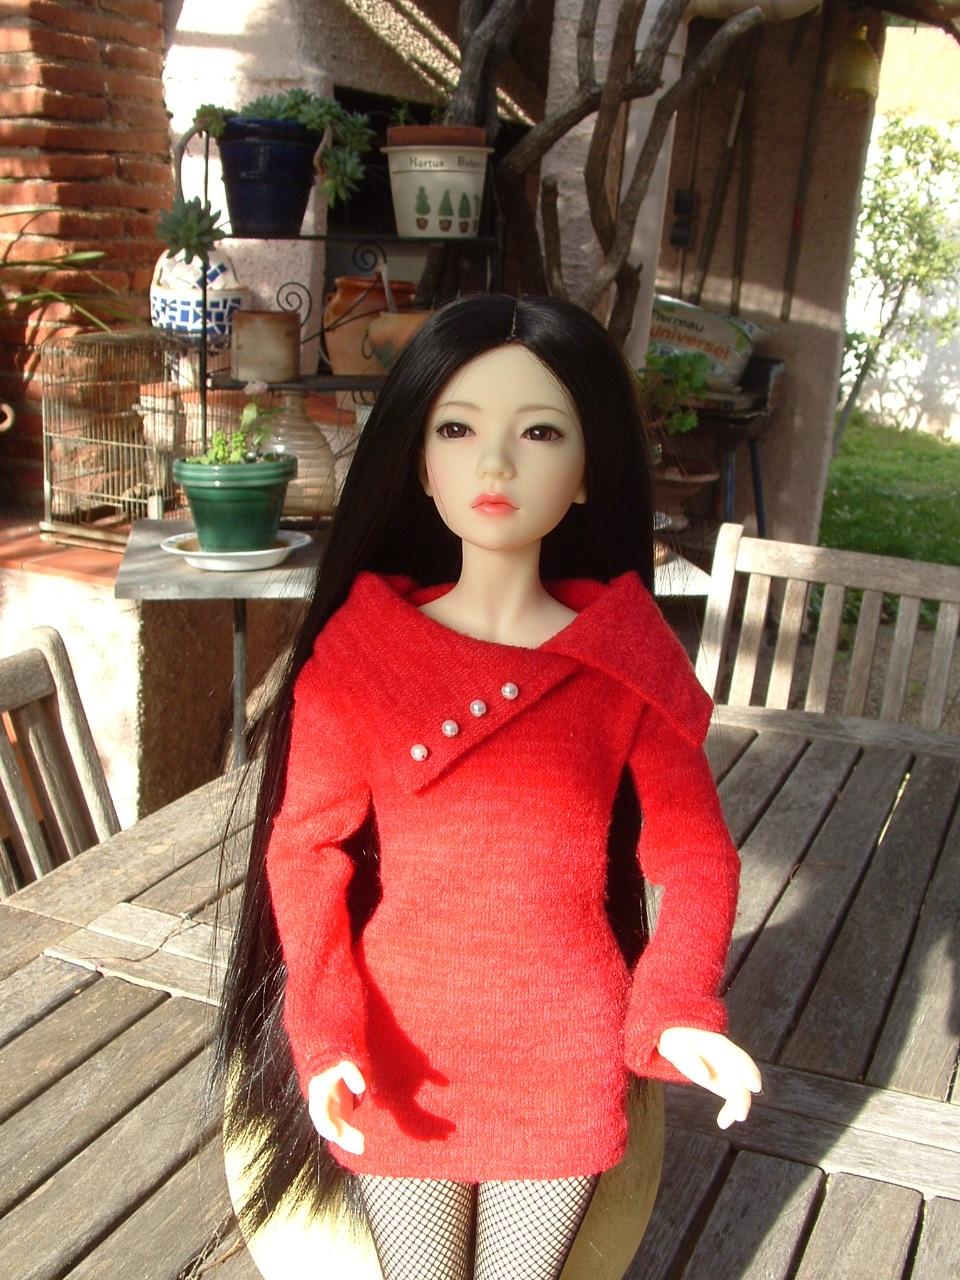 Je vous présente Mitsuko, ma belle Asa - première robe p 2 - autre tenue p 3 Dscf0438